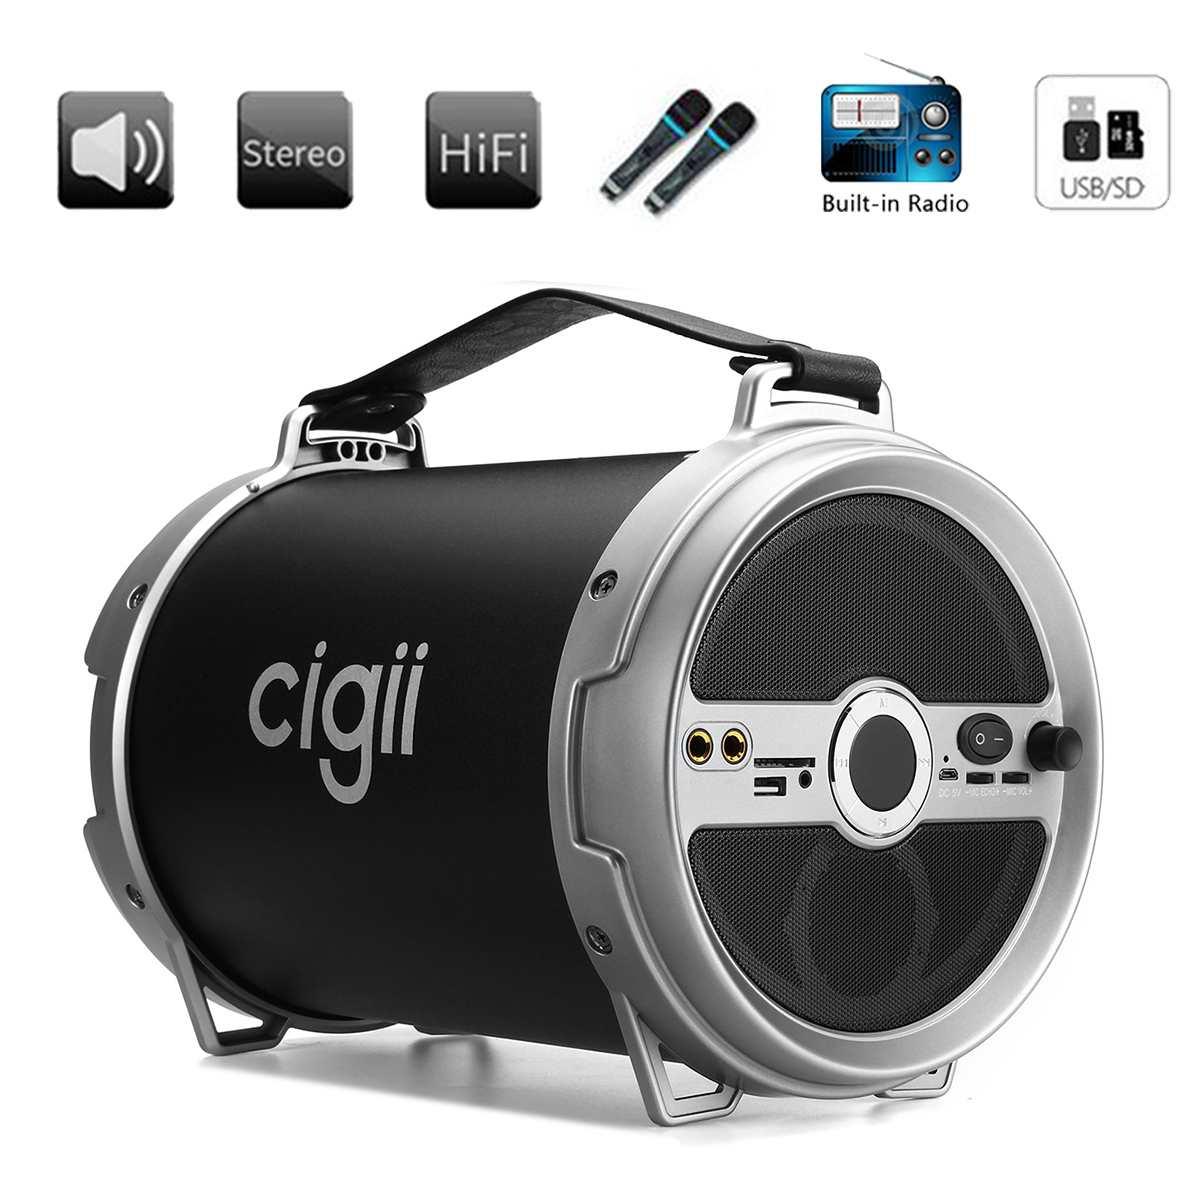 Haut-parleur bluetooth sans fil Portable haut-parleur stéréo musique FM Raido AUX cartes SD Jack pour tablette téléphone Portable haut-parleurs extérieurs